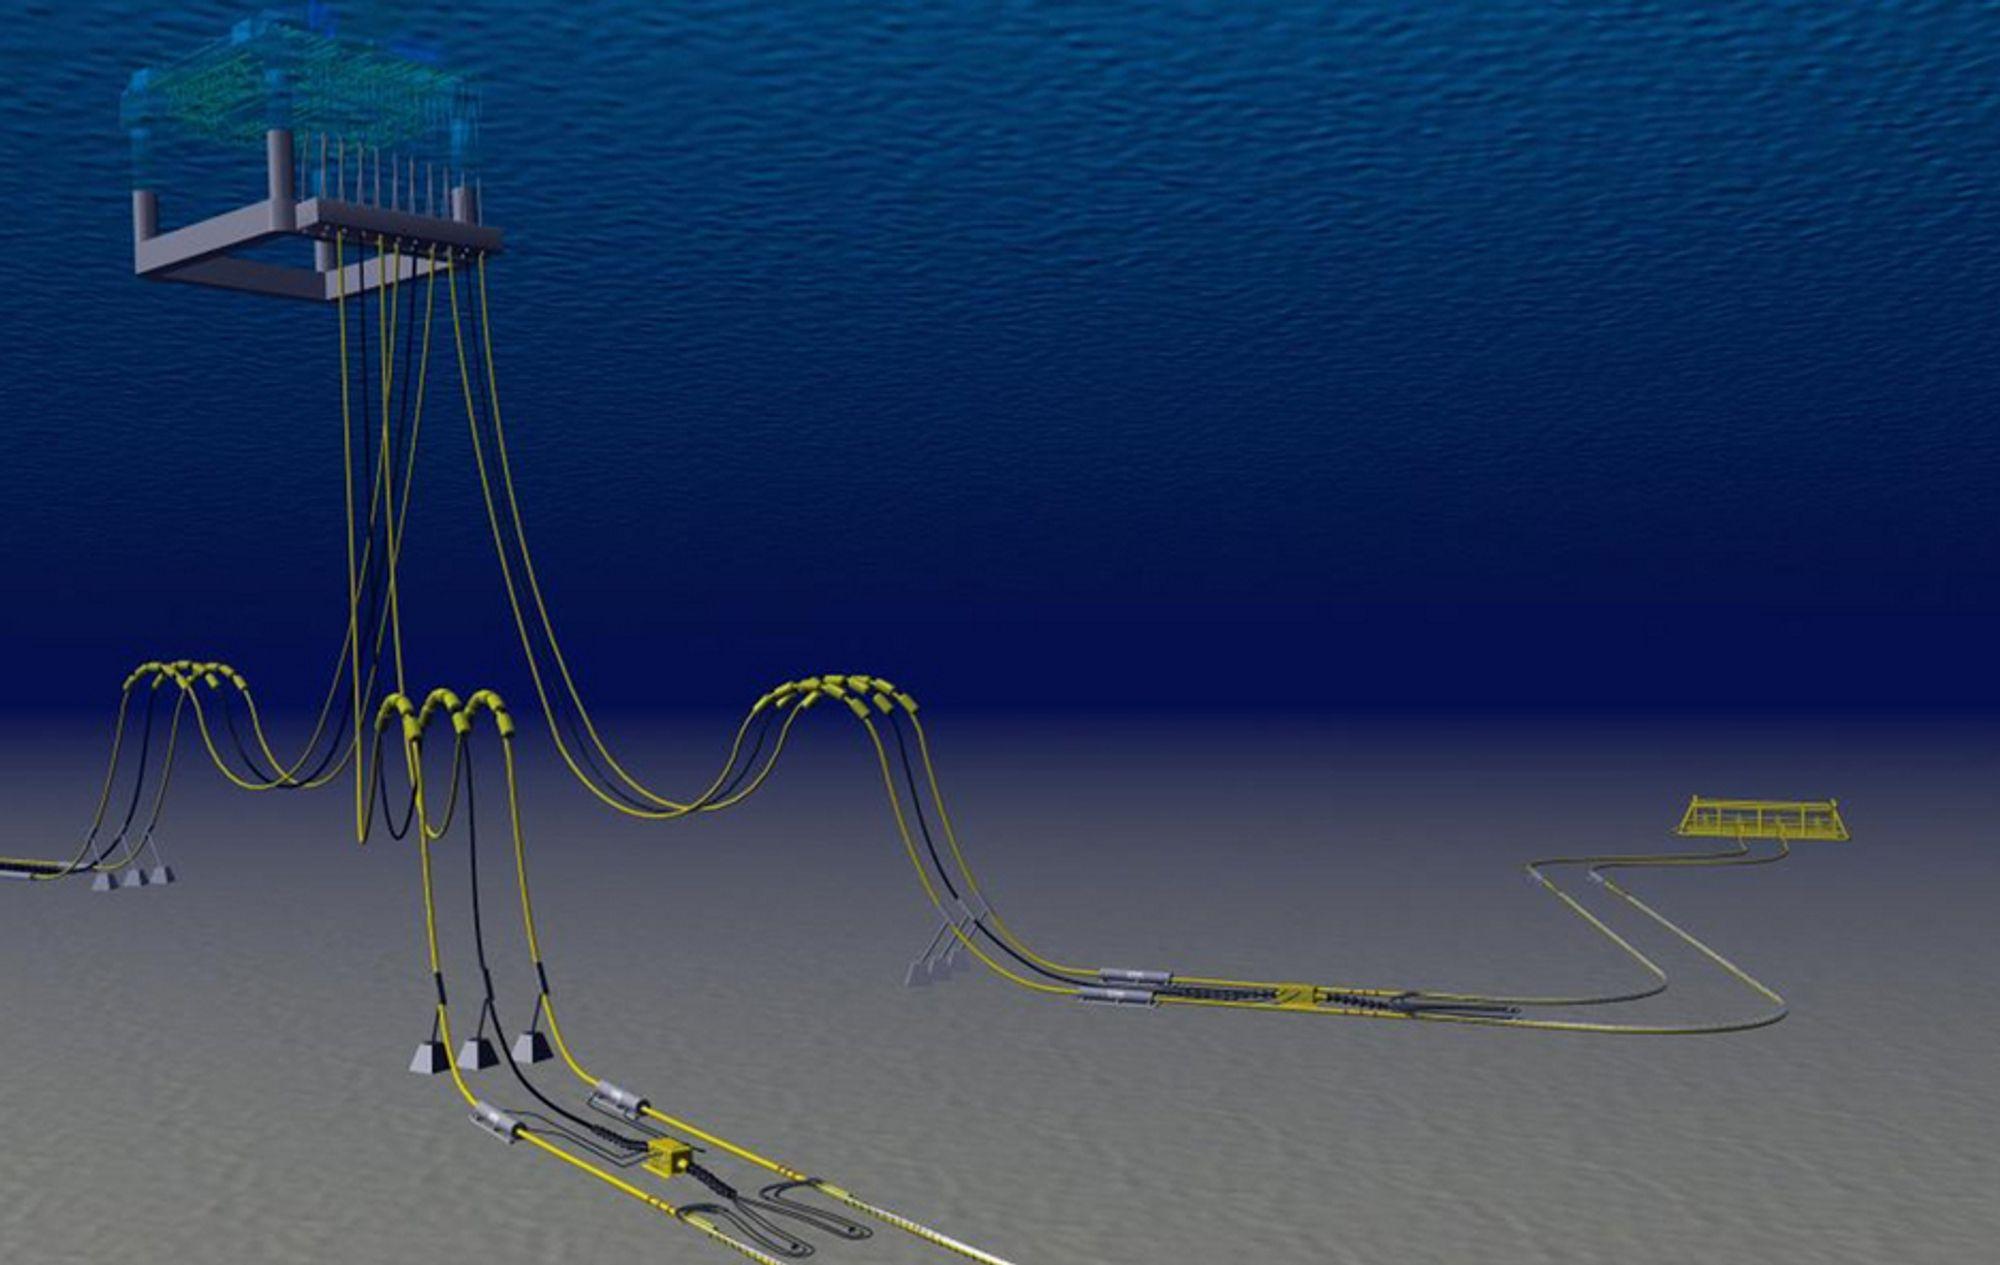 Rørledninger med installert system for direkte elektrisk oppvarming (DEH). Forsyningskablene (sorte) går parallelt med riserne (gule) og er tilkoblet DEH-kablene ved sjøbunnen.